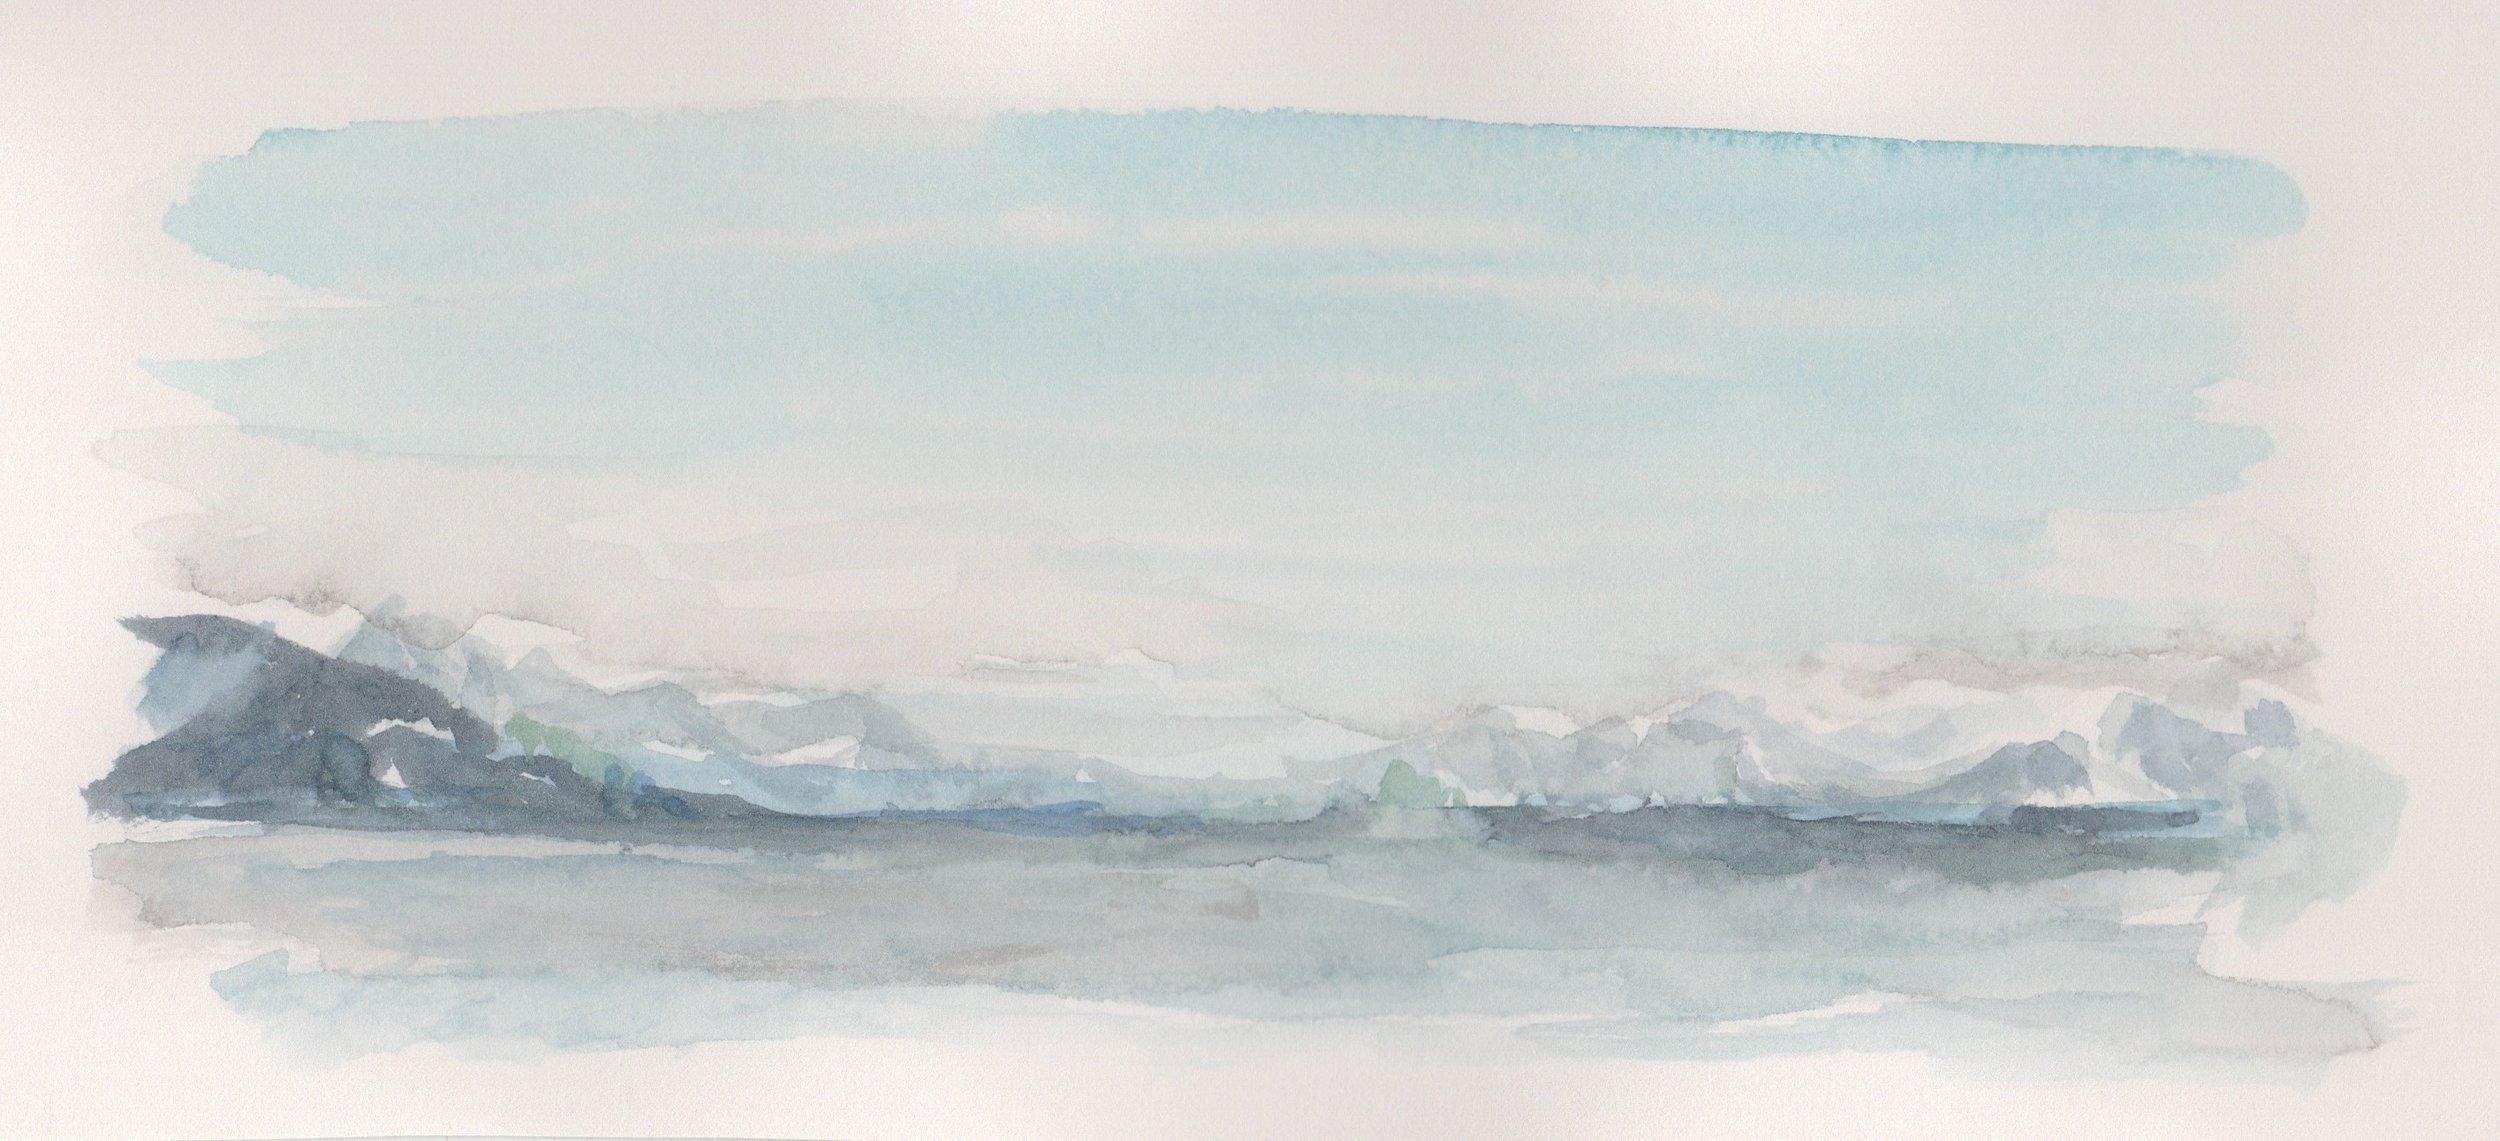 AlaskaWatercolor41.jpeg